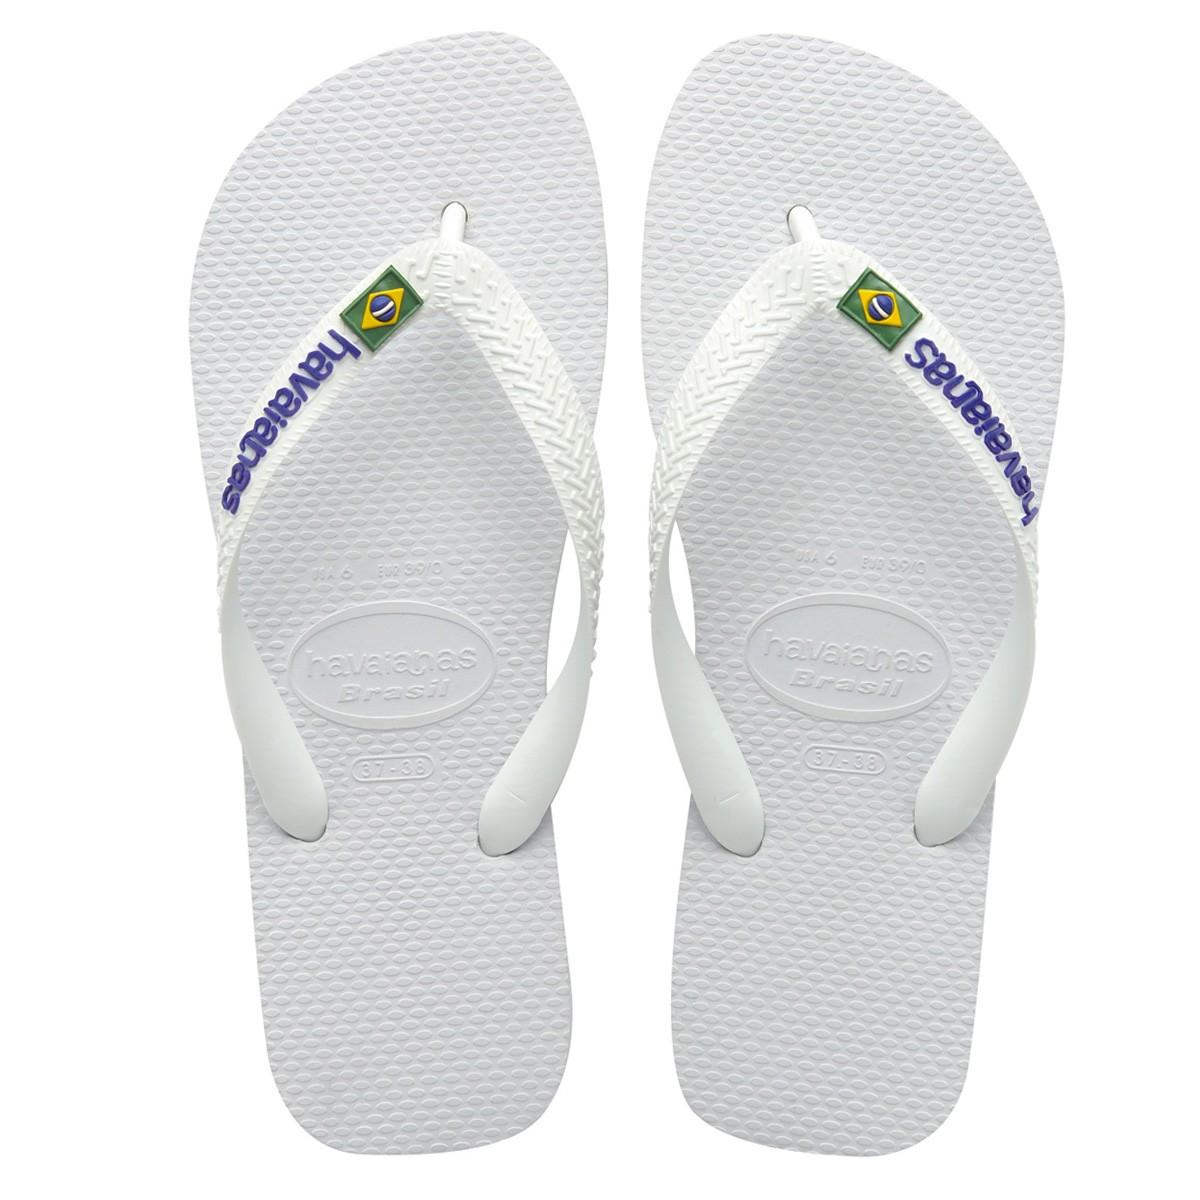 d1f78772c sandalia-adulto-havaianas-brasil-logo-a99feafeee1e5e819c4c9d04a84cc63b.jpg